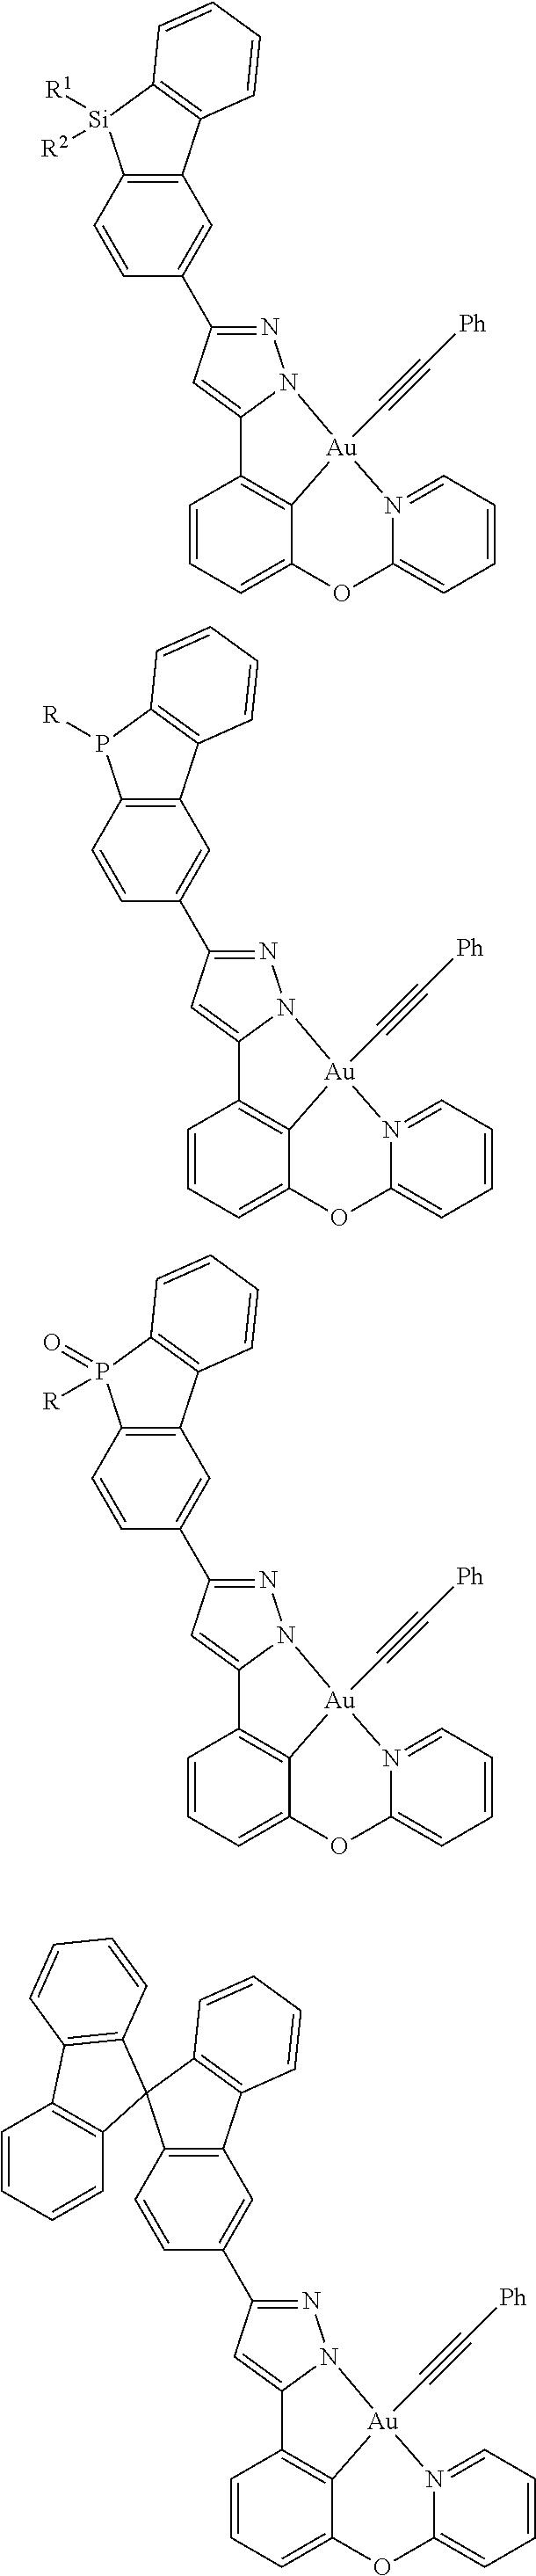 Figure US09818959-20171114-C00556